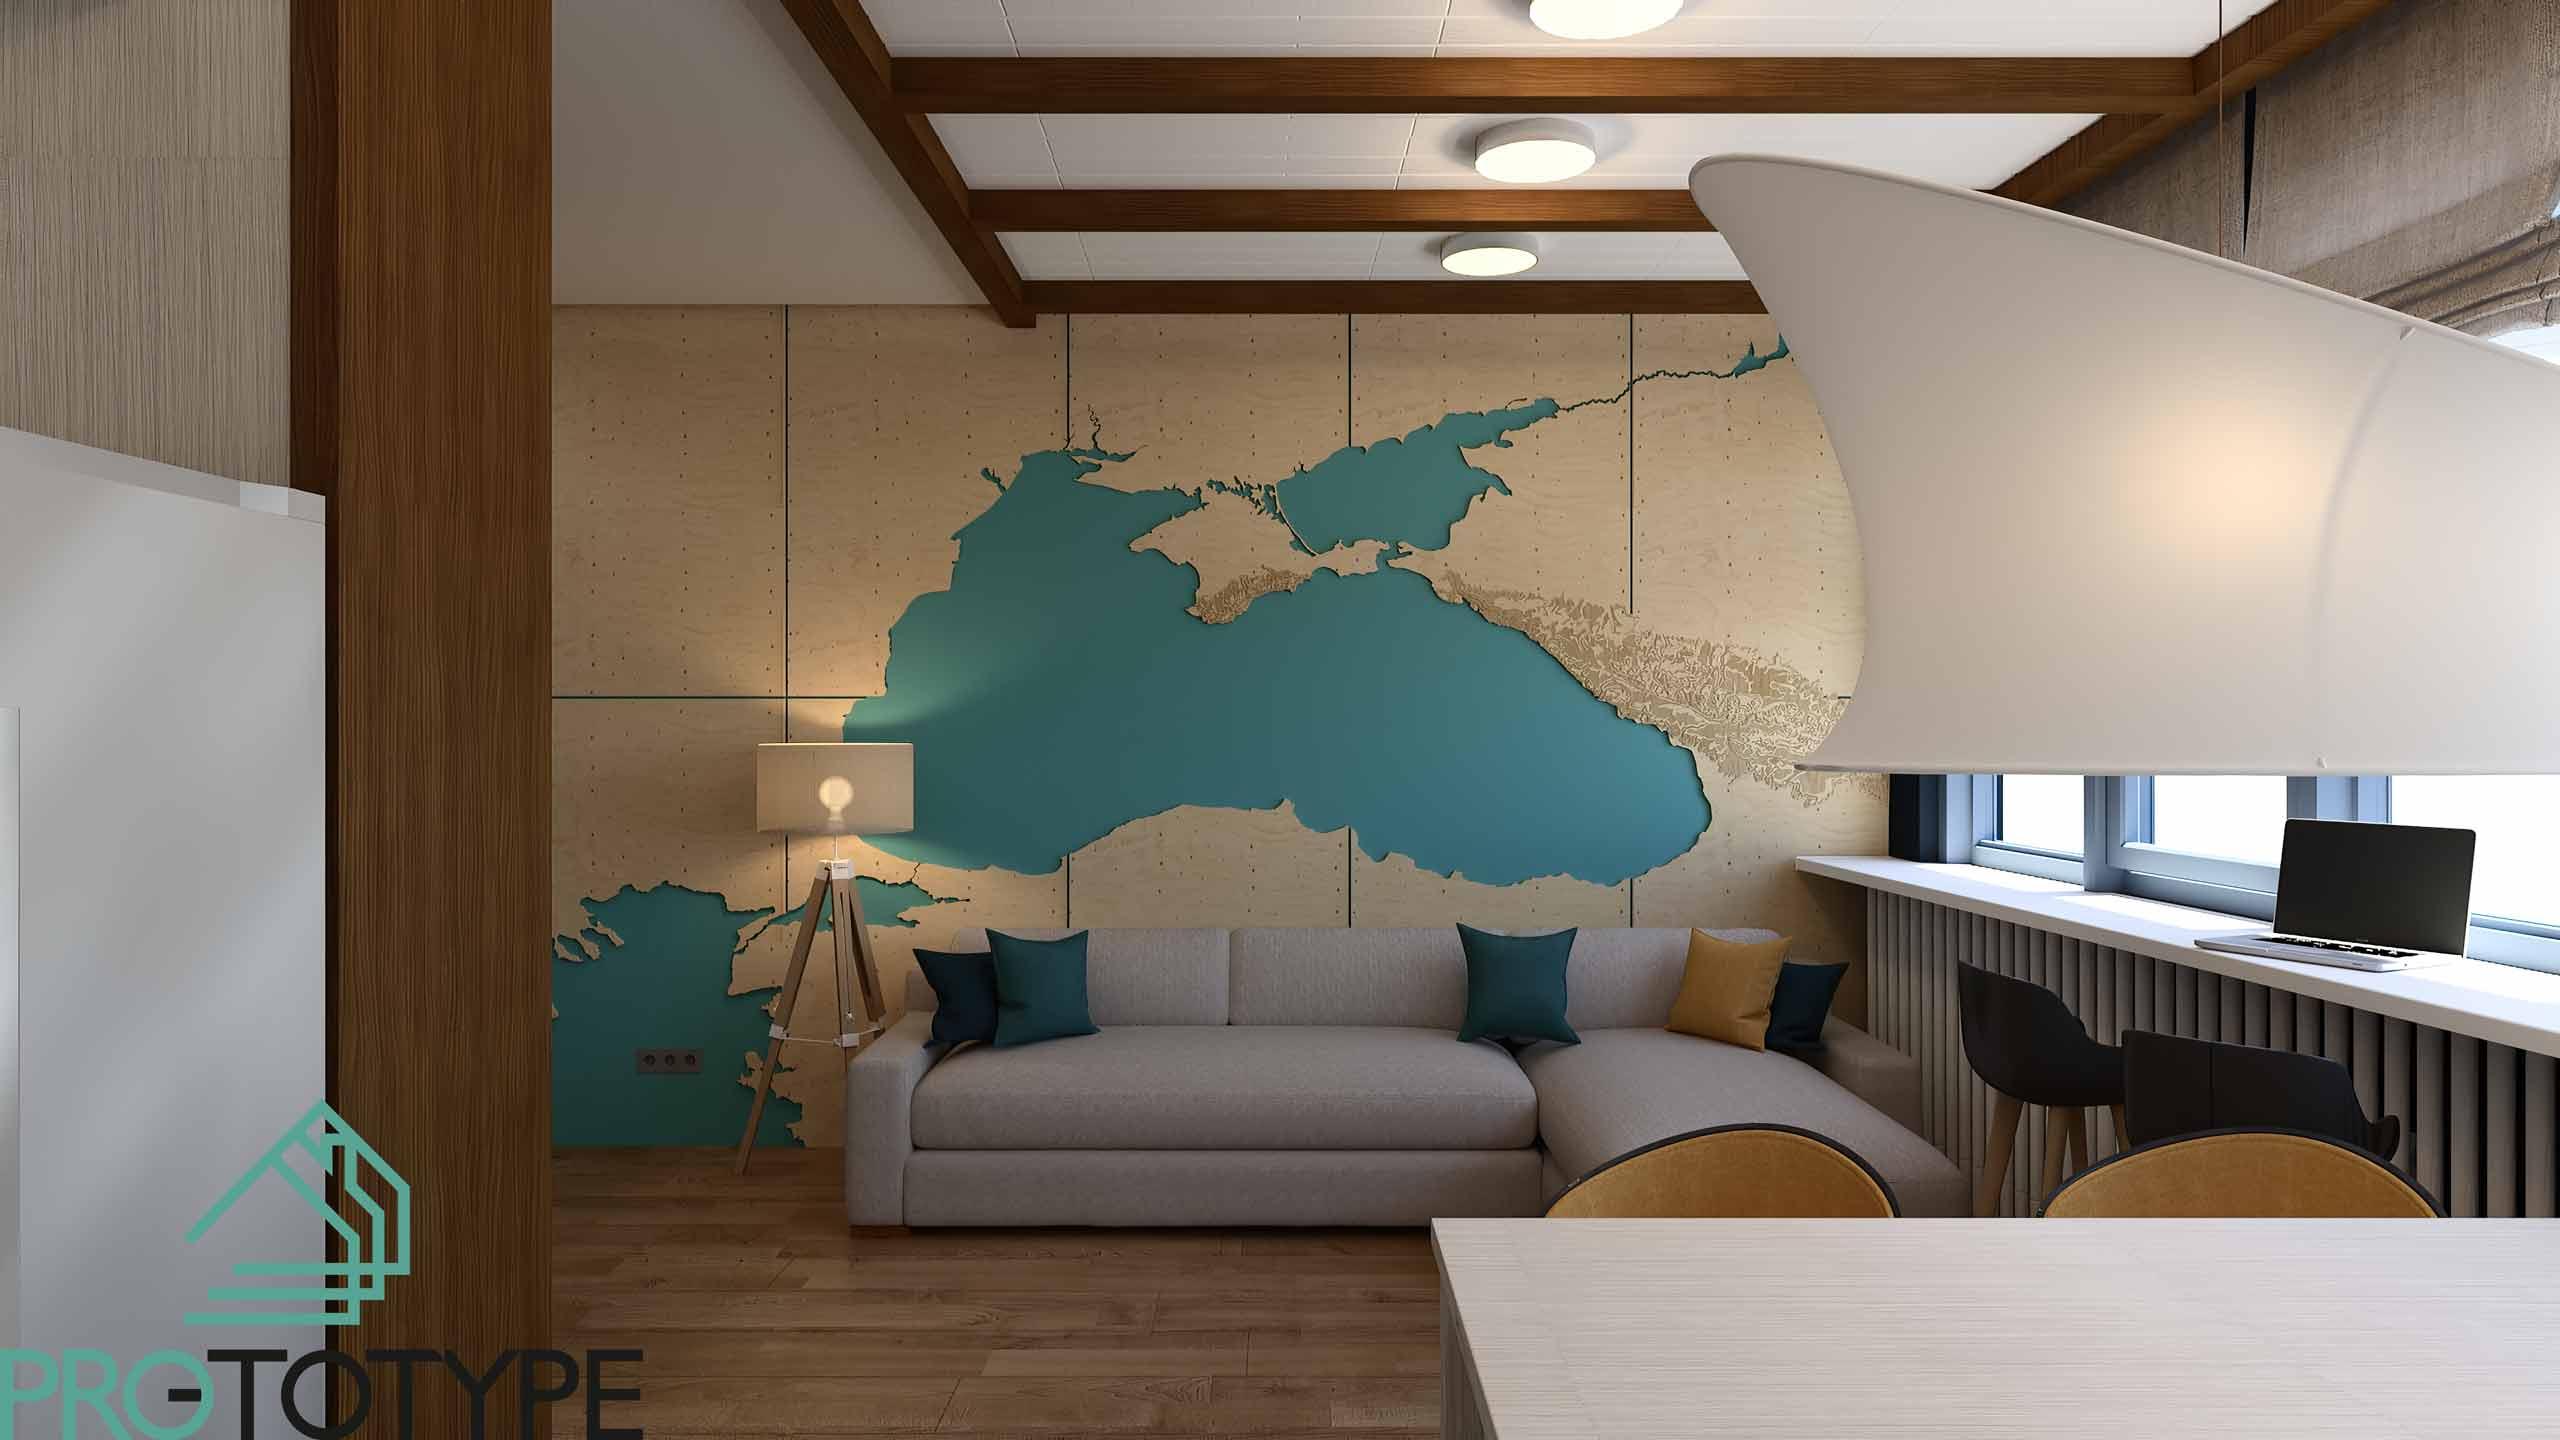 Дизайн гостиной отсылает нас к любви путешествовать